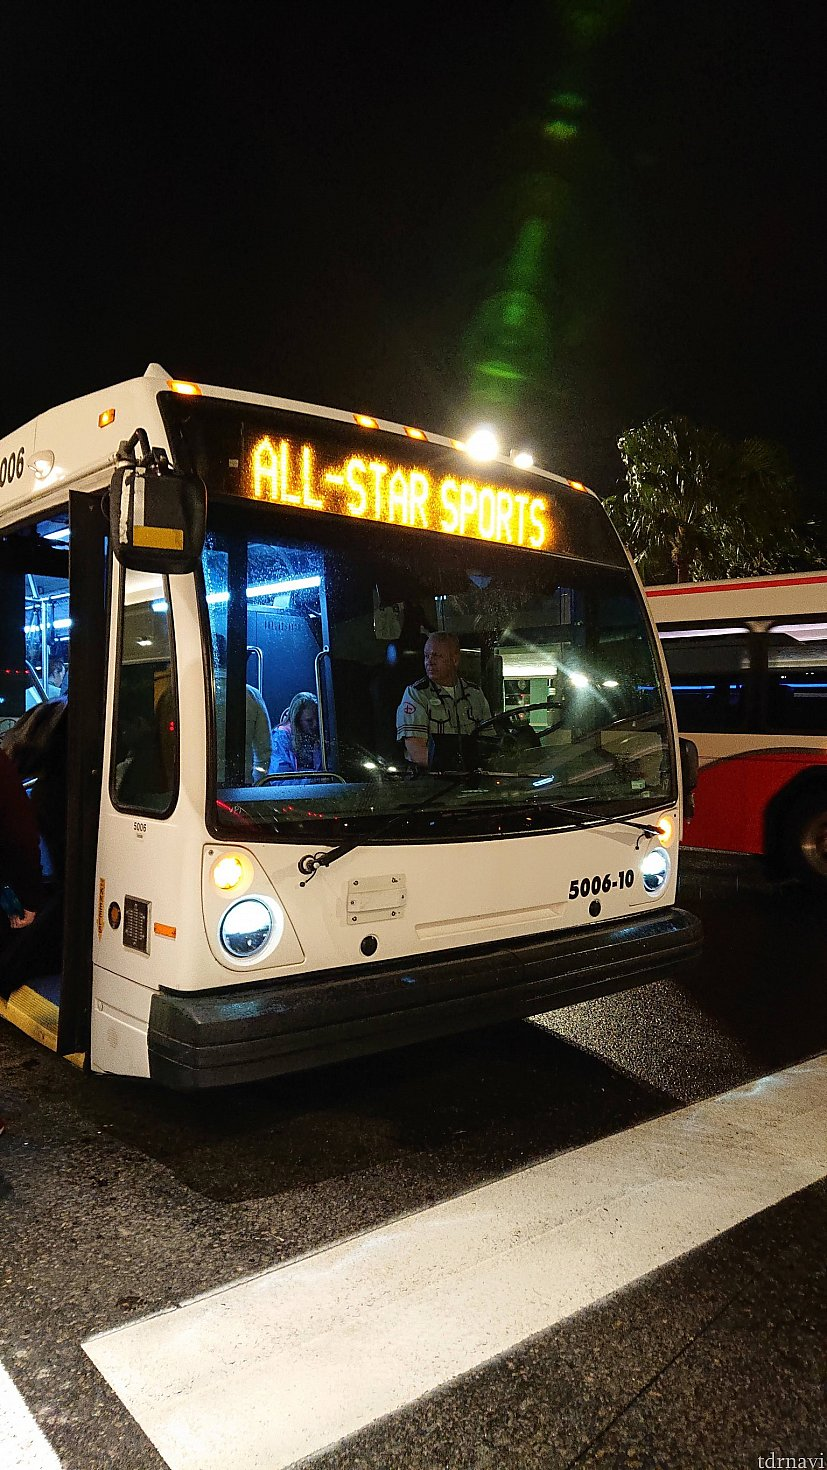 こちらはバスです パークから帰ってくるバスしか写真が無かったので『オールスタースポーツ』と上部に書いてありますが、パークに行く場合もその部分に行き先が必ず書いてあります 乗車前にその部分を確認して乗ることをお勧めします